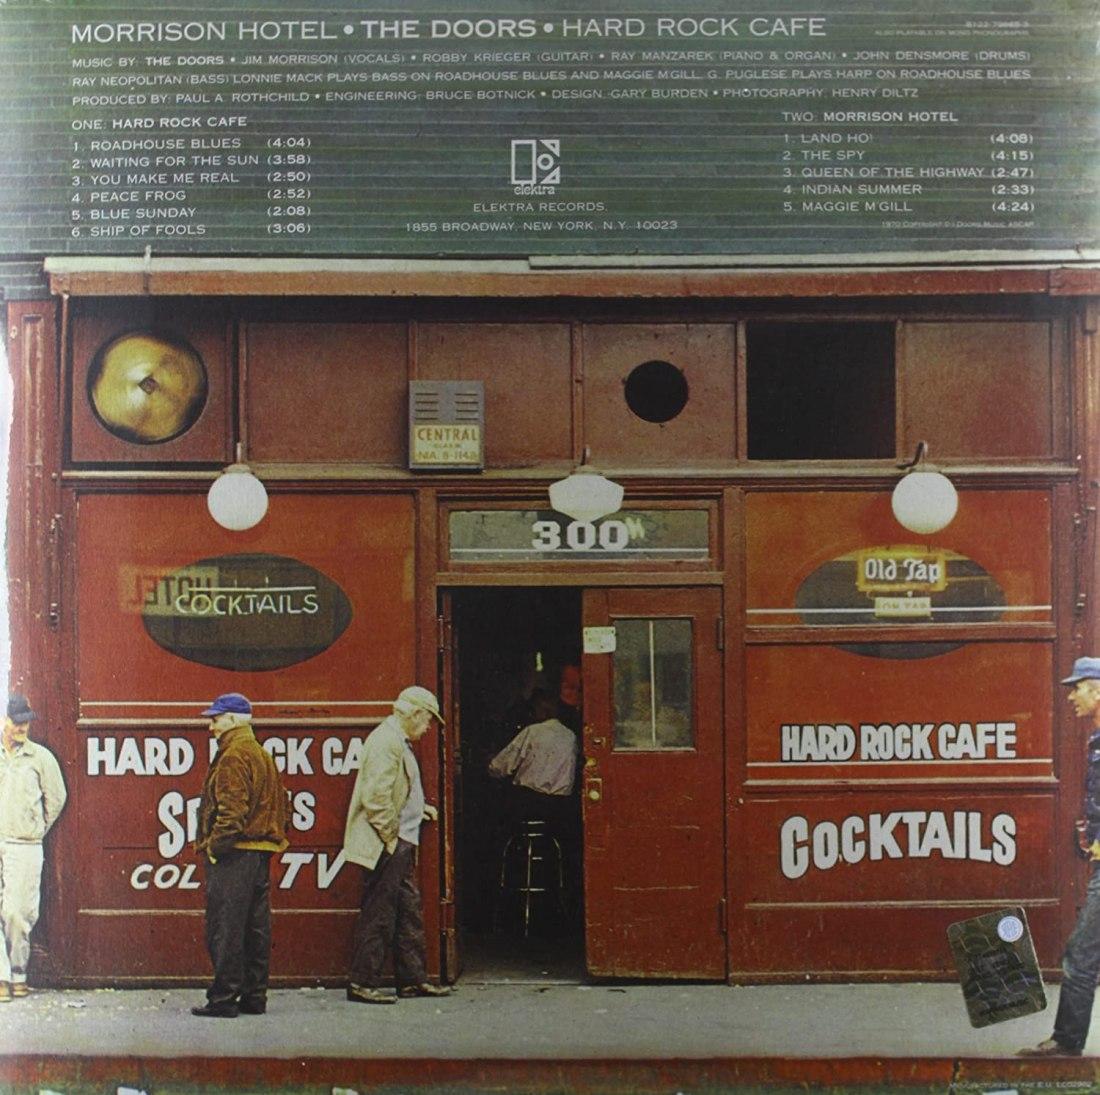 The Doors – Morrison Hotel